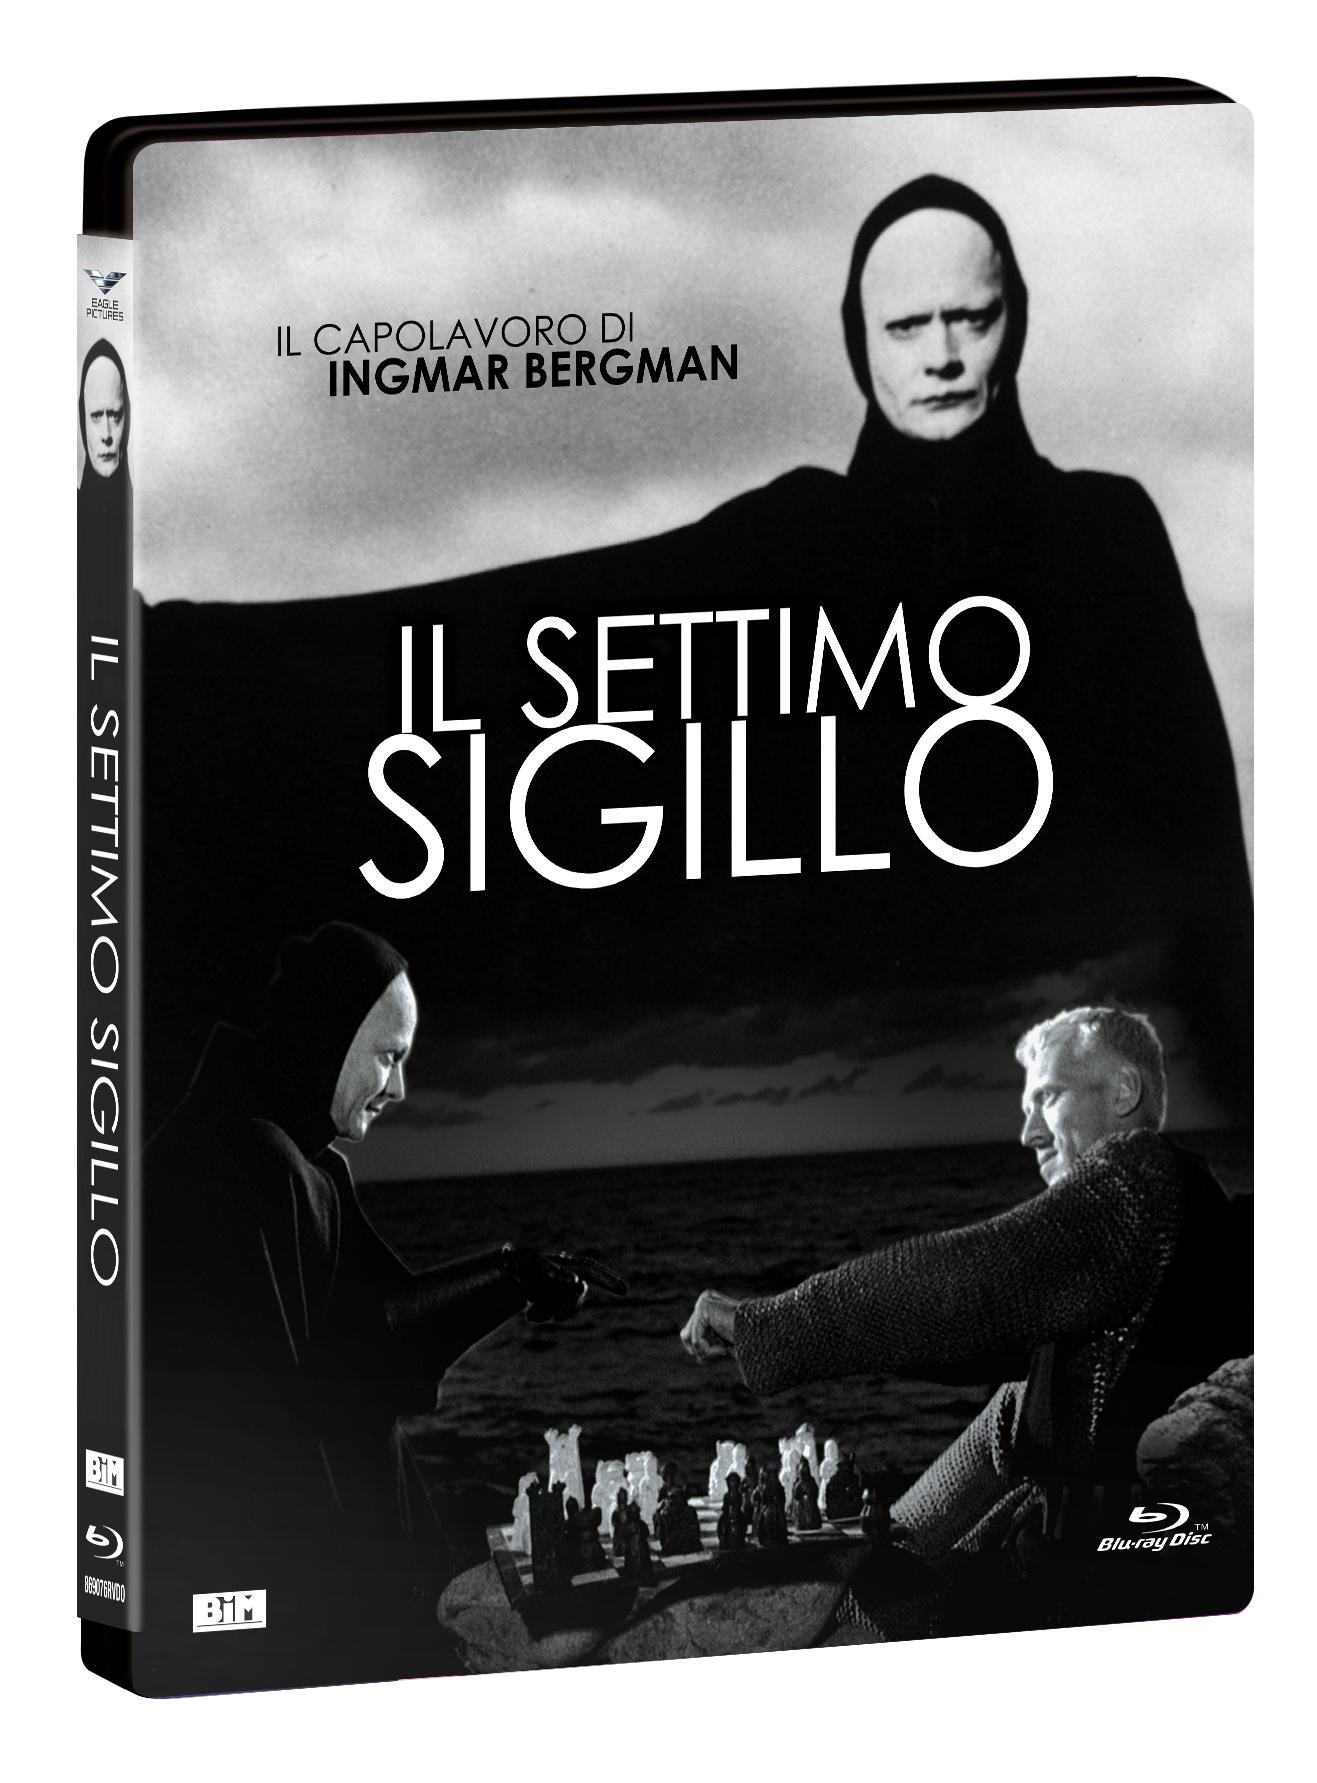 IL SETTIMO SIGILLO (BLU-RAY+DVD)